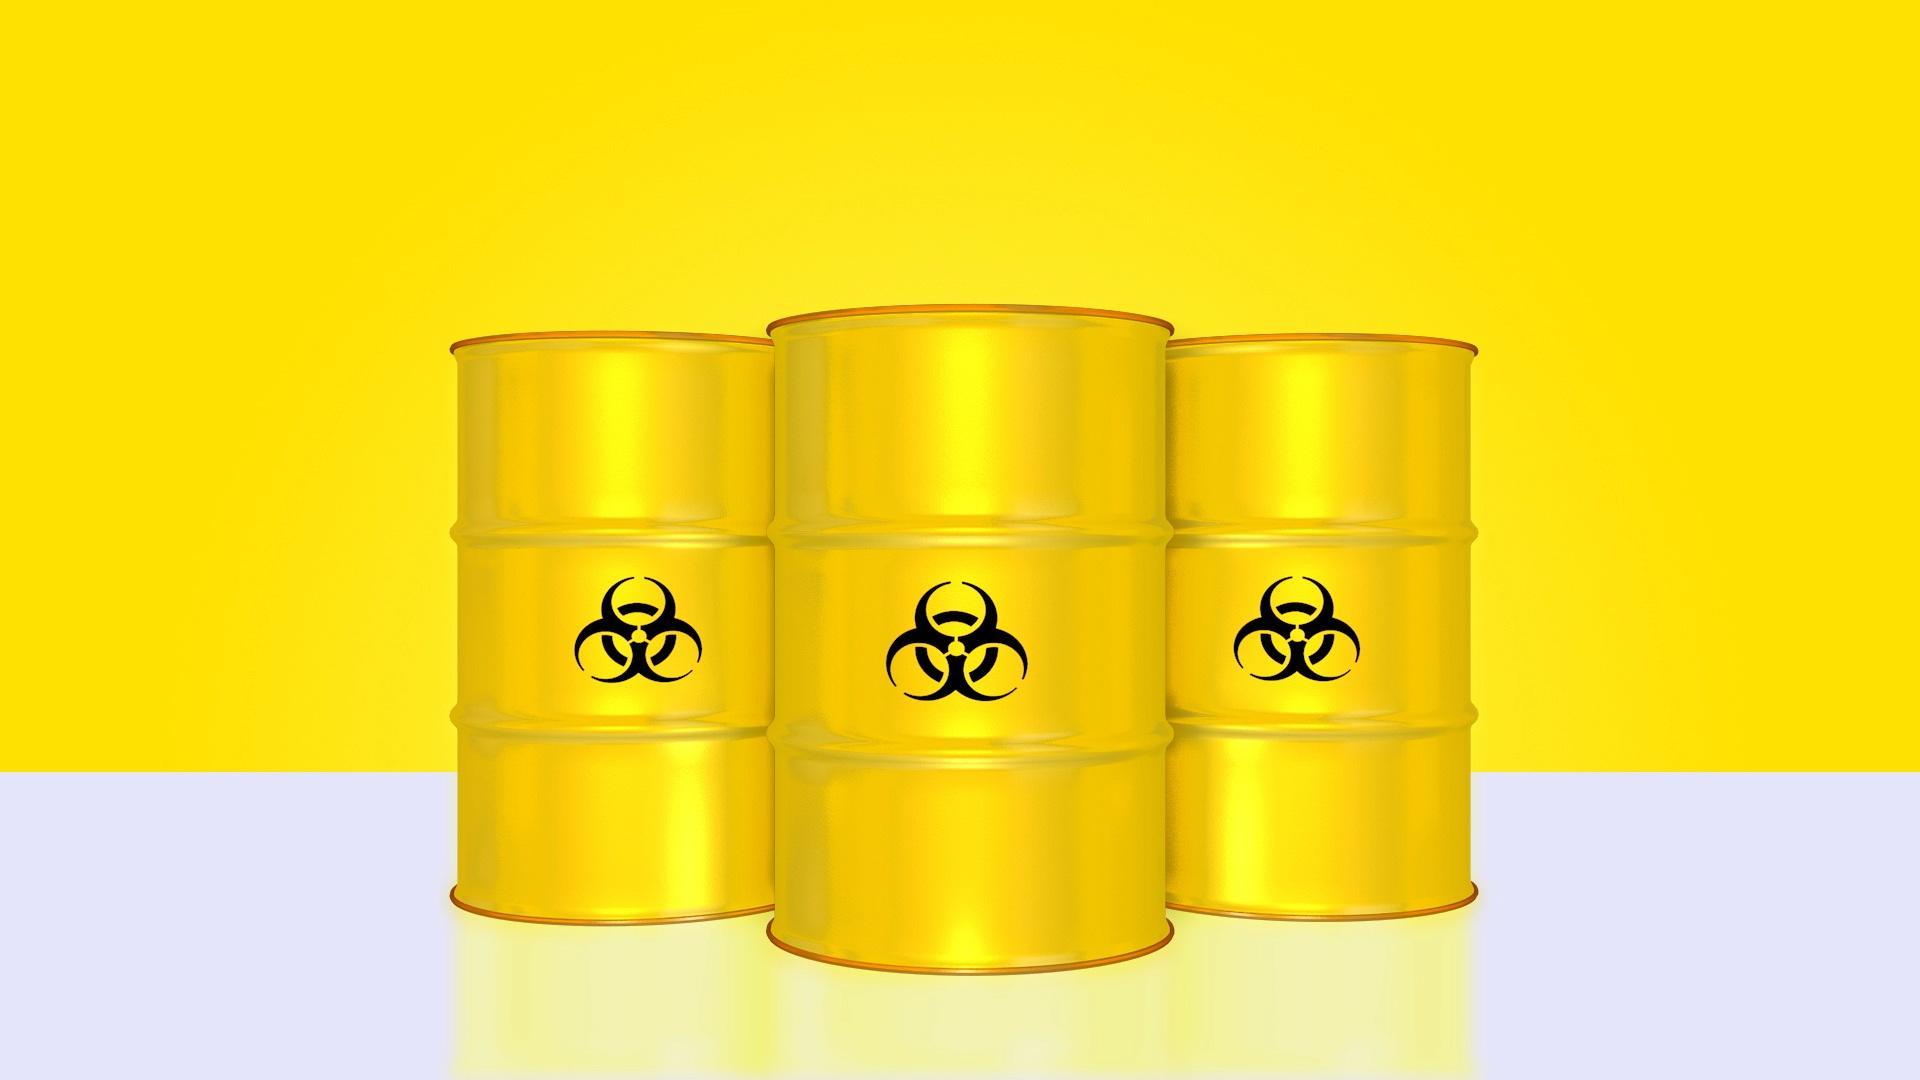 Einfach erklärt: Bei der Kernspaltung zerfallen Atome unter Freisetzung radioaktiver Strahlung in kleinere Atome.